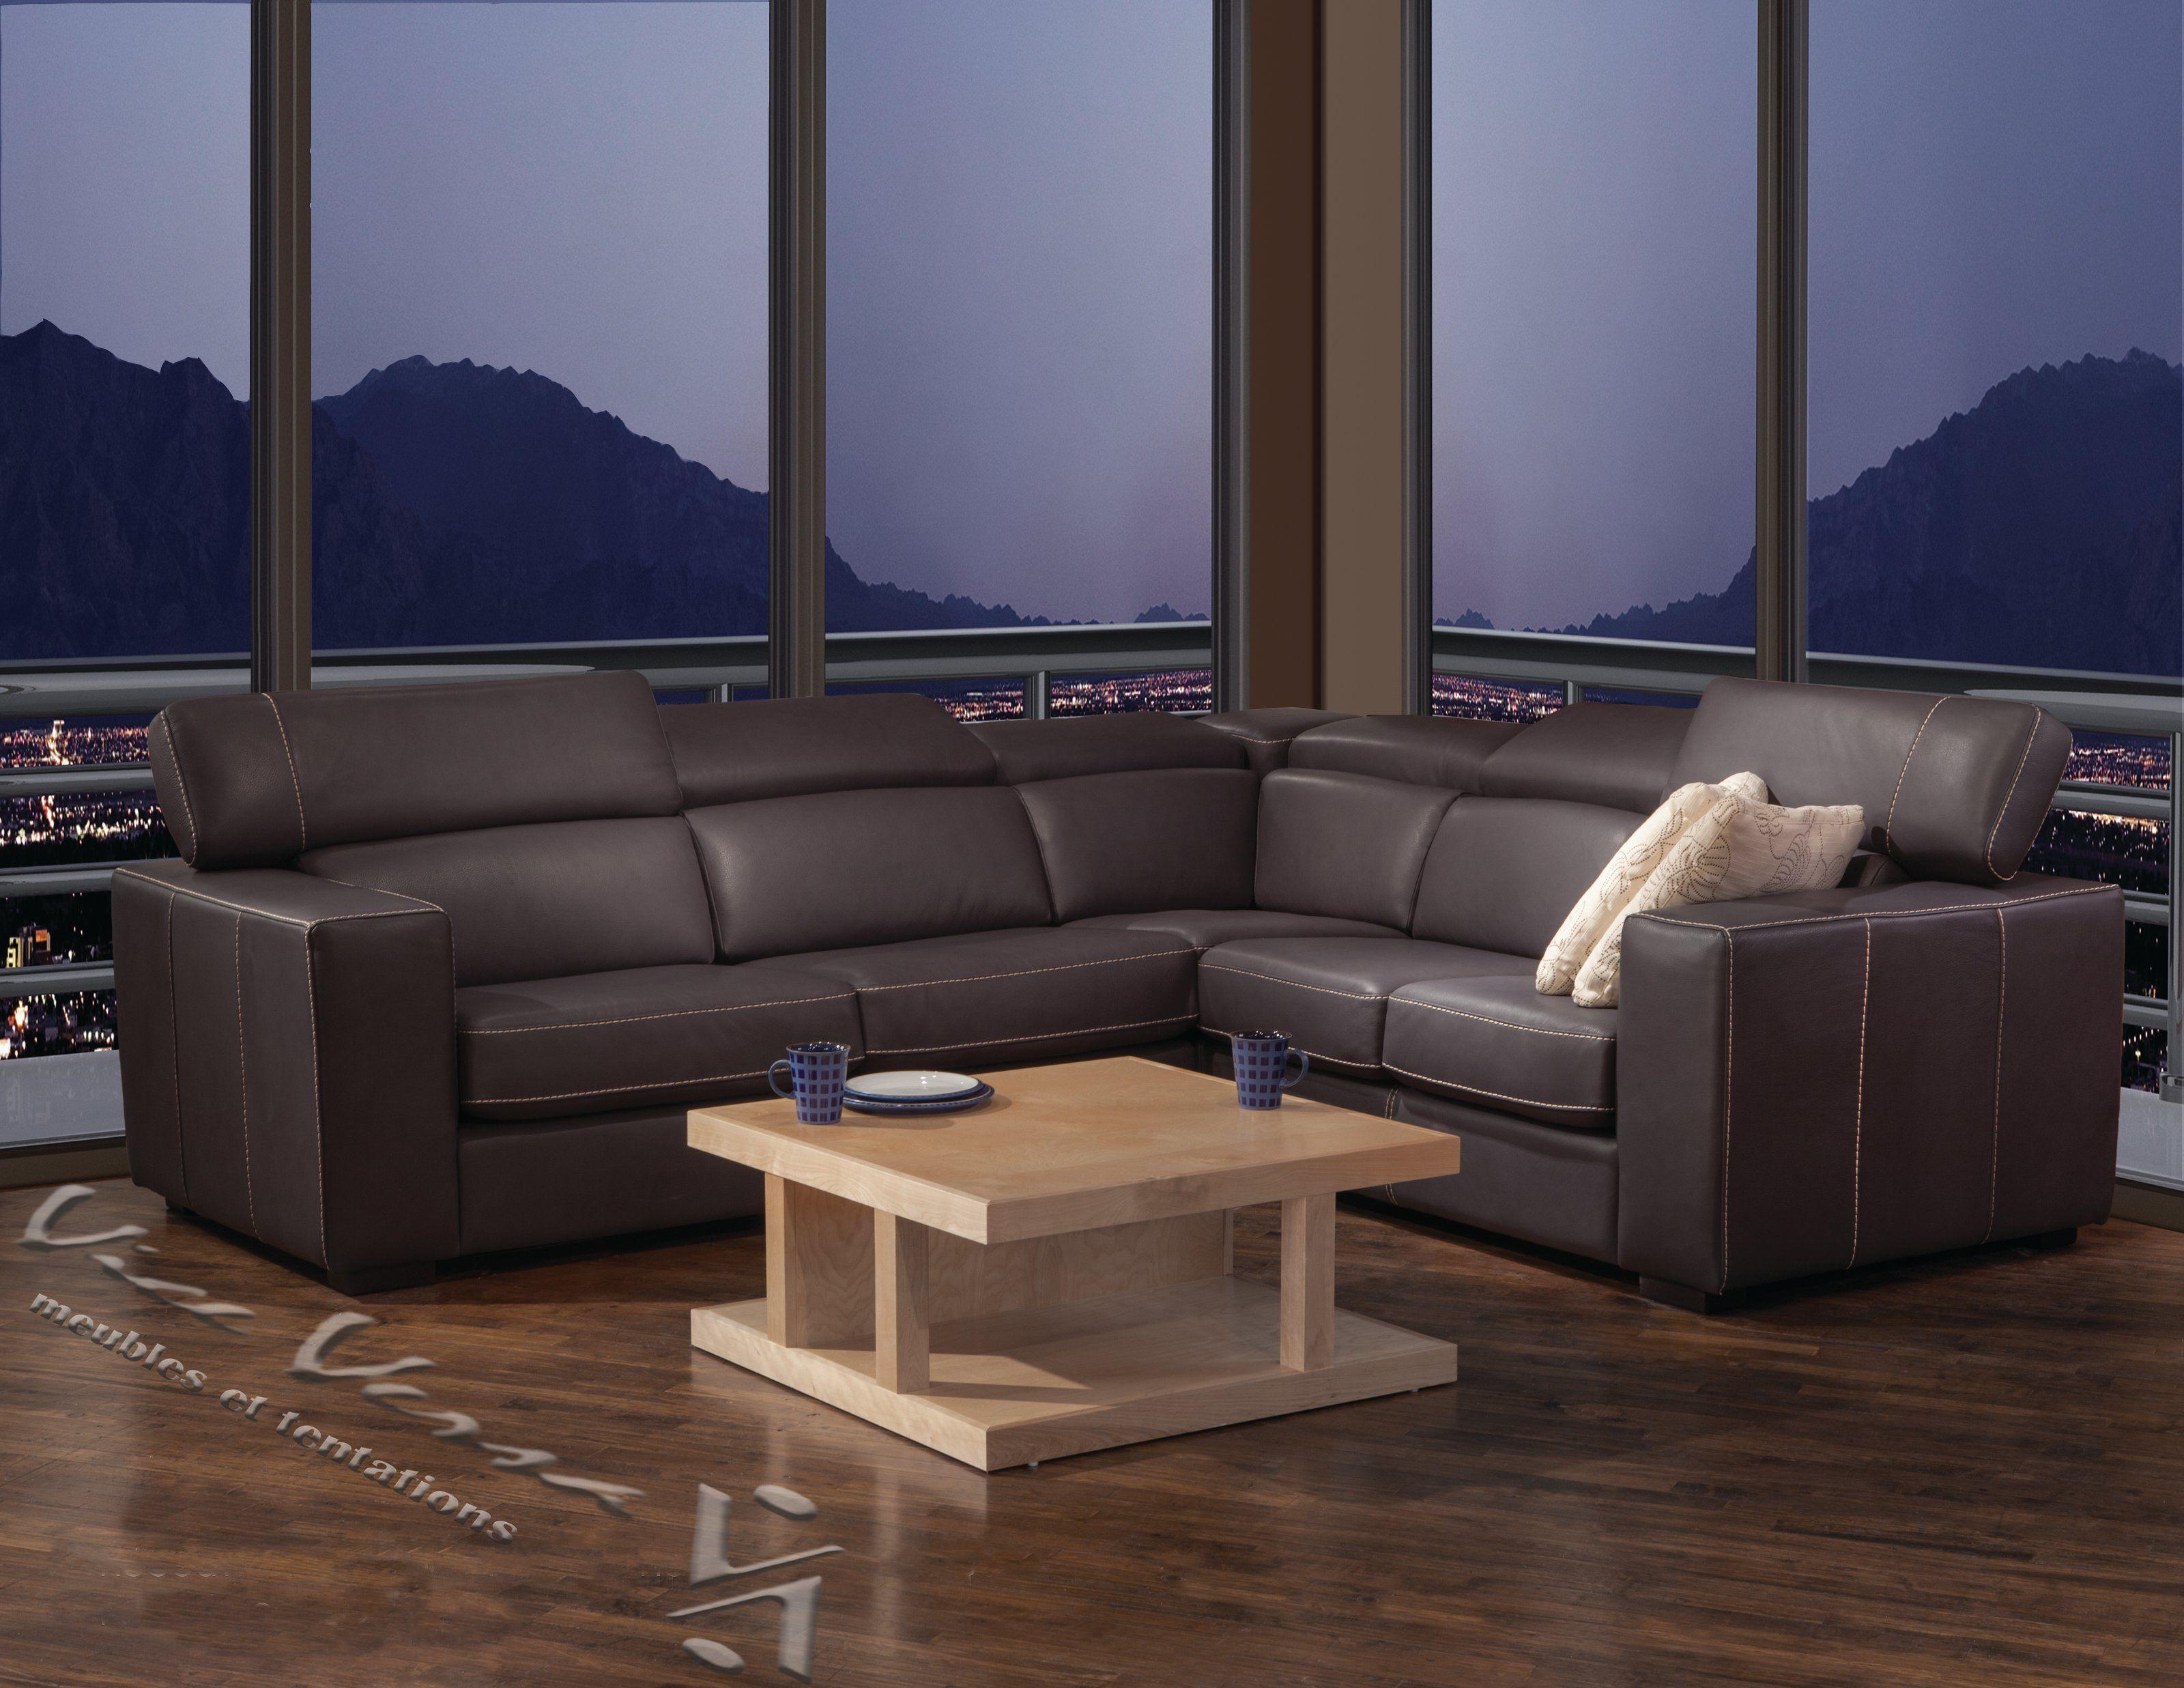 meuble vice versa canap et emsemble de meubles pour le